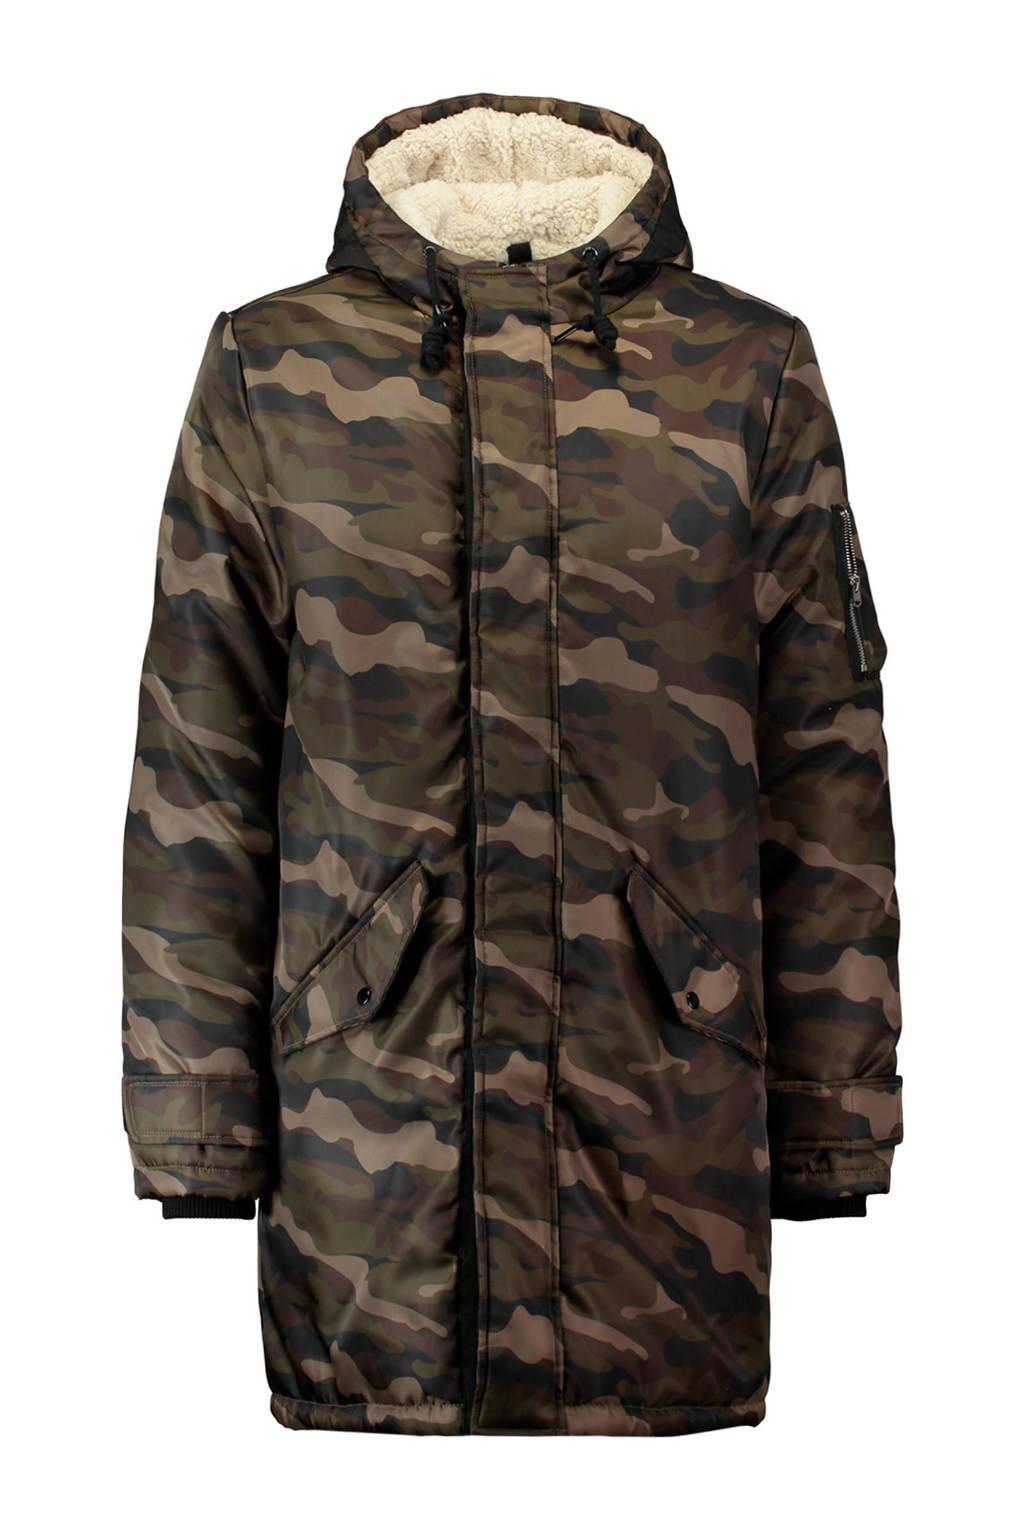 CoolCat winterjas met camouflageprint donkergroen, donkergroen/bruin